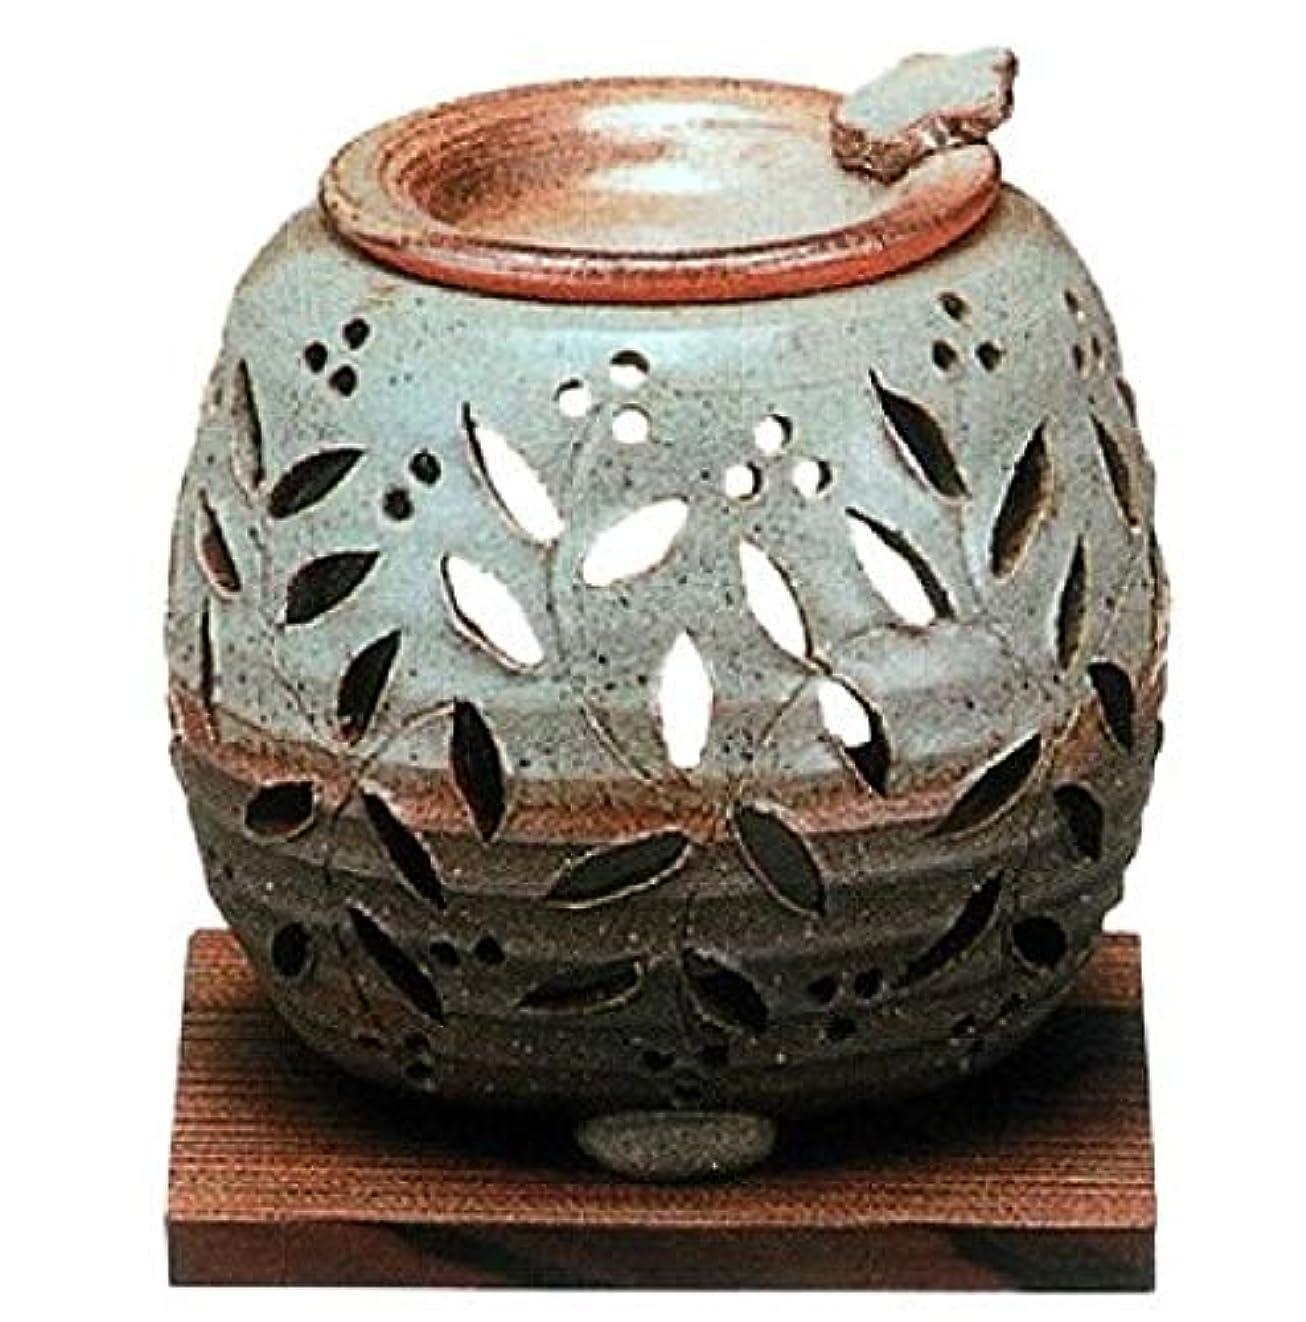 常滑焼?石龍窯 カ38-10 茶香炉 焼杉板付 径10×10cm